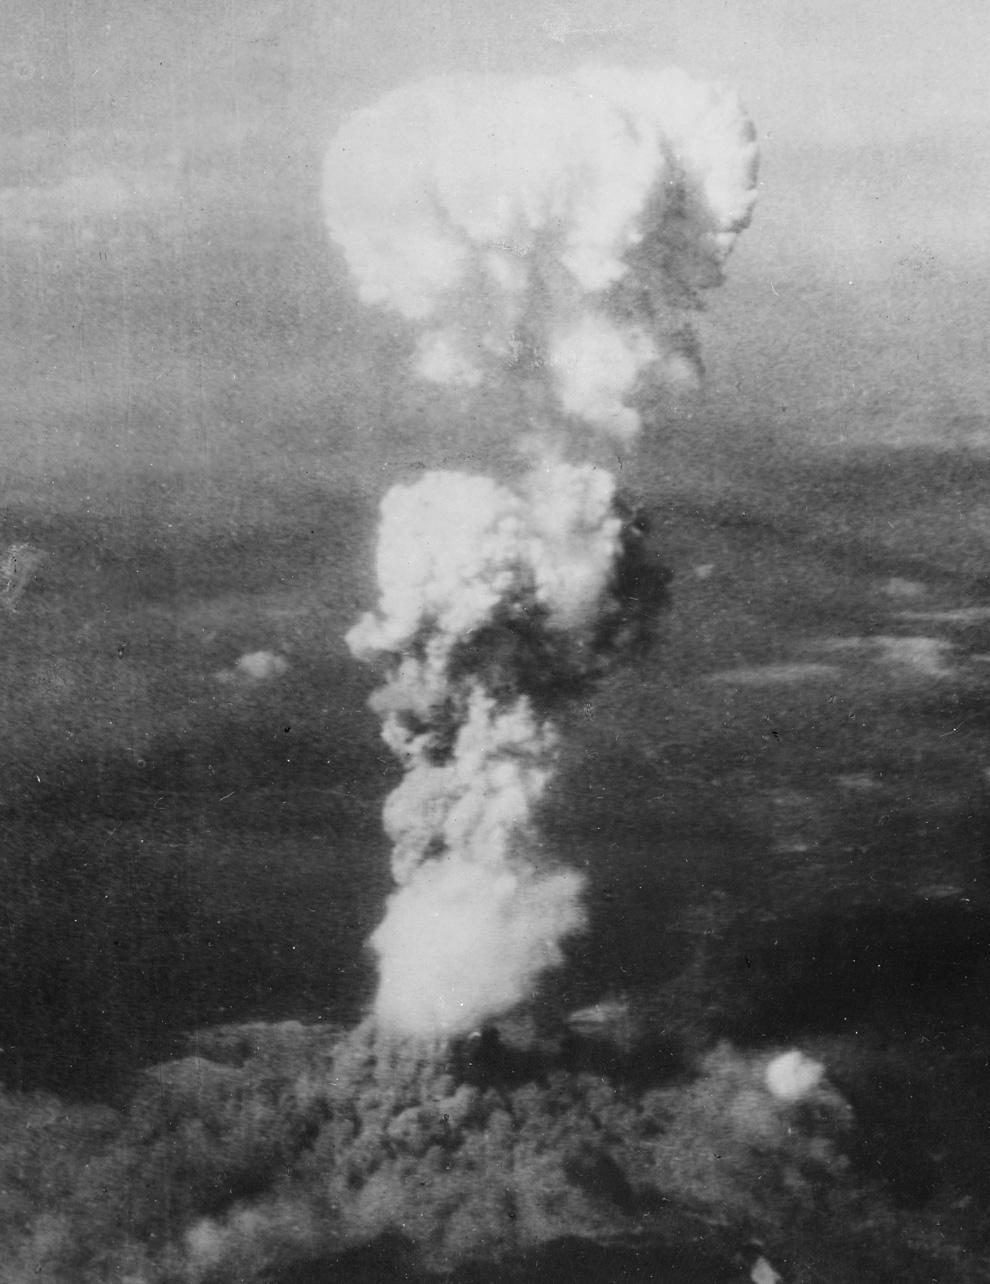 8. Растущий ядерный «гриб» над Хиросимой вскоре после 8:15, 5 августа 1945. Когда порция урана в бомбе прошла стадию расщепления, она мгновенно была превращена в энергию 15 килотонн тротила, нагрев массивный огненный шар до температуры 3 980 градусов по Цельсию. Нагретый до предела воздух и дым быстро поднялся в атмосфере, словно огромный пузырь, поднимая за собой столп дыма. К тому времени, как было сделано это фото, смог поднялся на высоту 6 096,00 м над Хиросимой, в то время как дым от взрыва первой атомной бомбы разлетелся на 3 048,00 м у основания колонны. (U.S. National Archives)